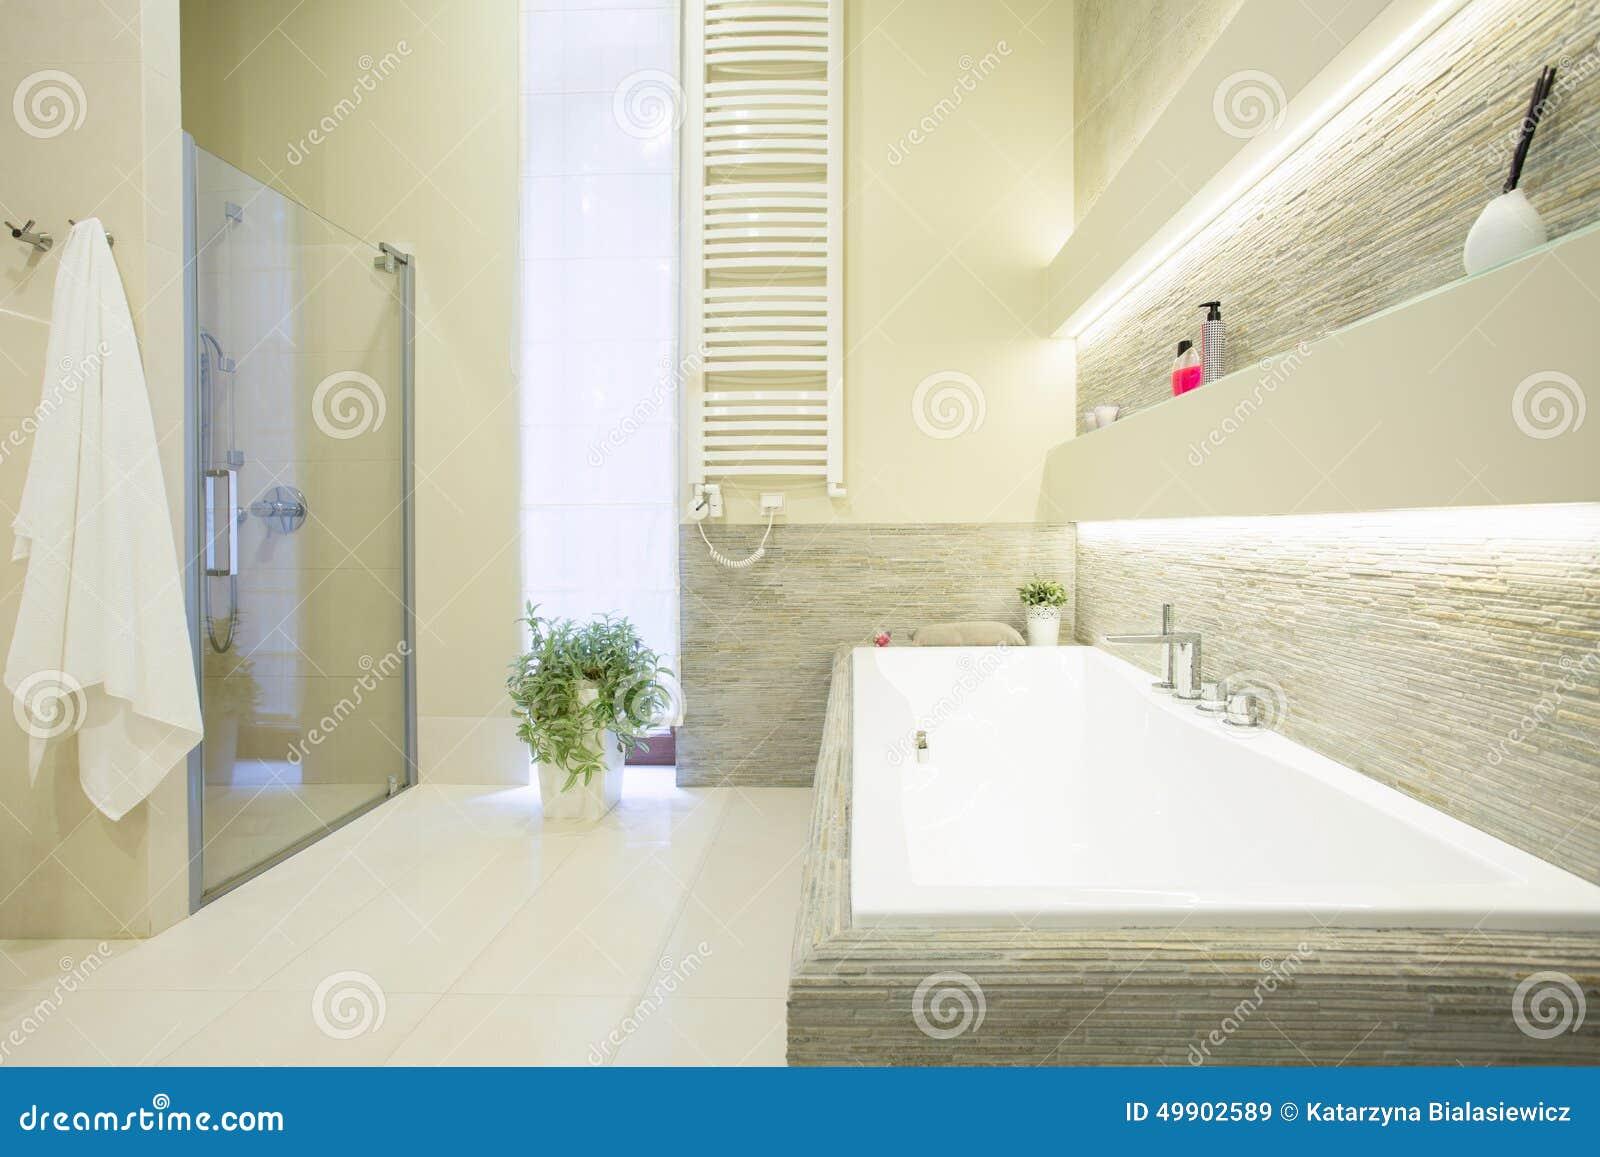 Weißes teures Badezimmer stockbild. Bild von teures, badezimmer